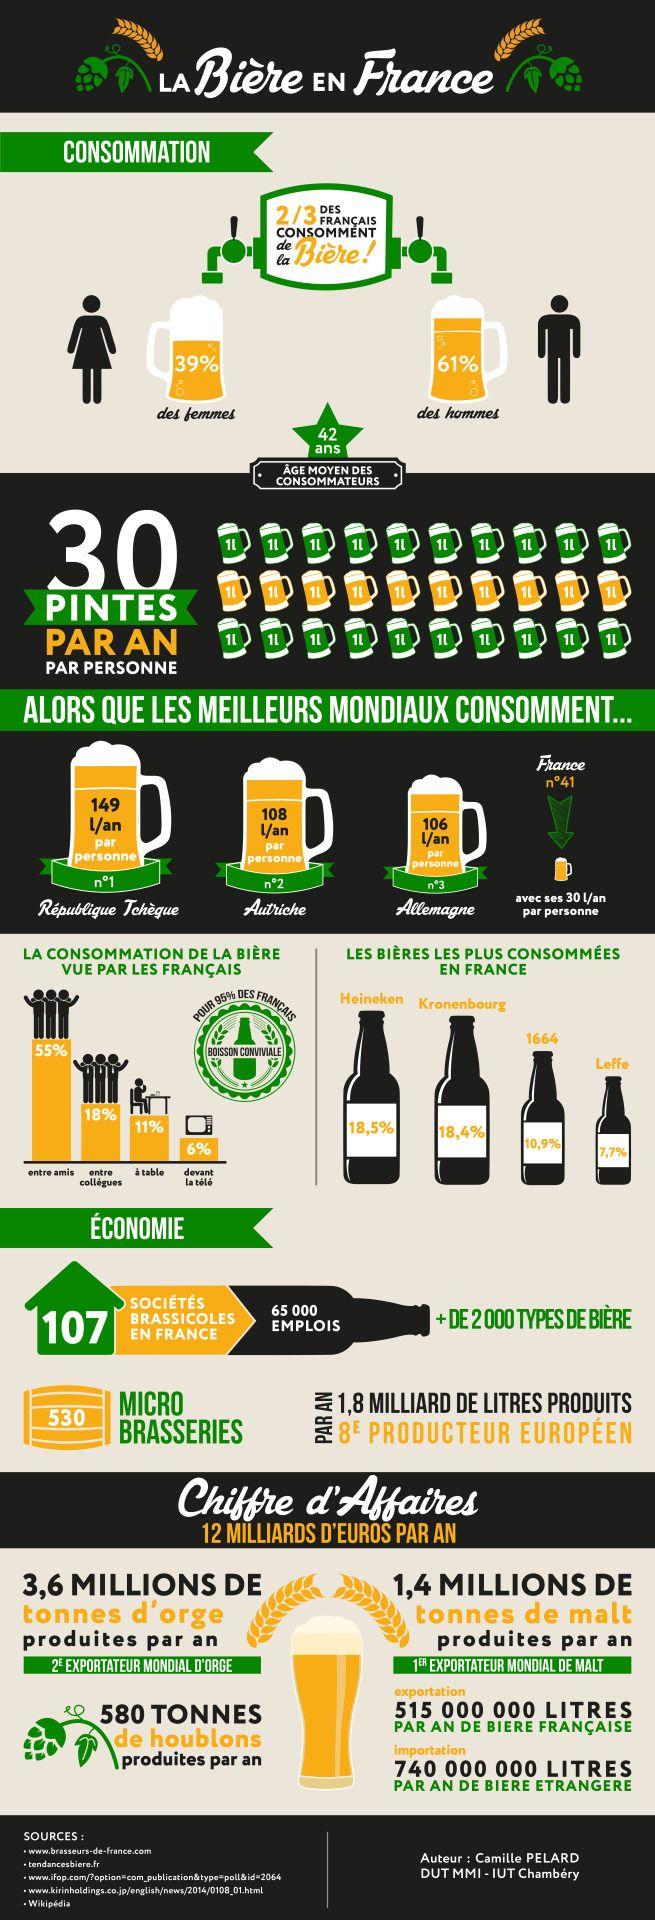 Infographie - La bière en France